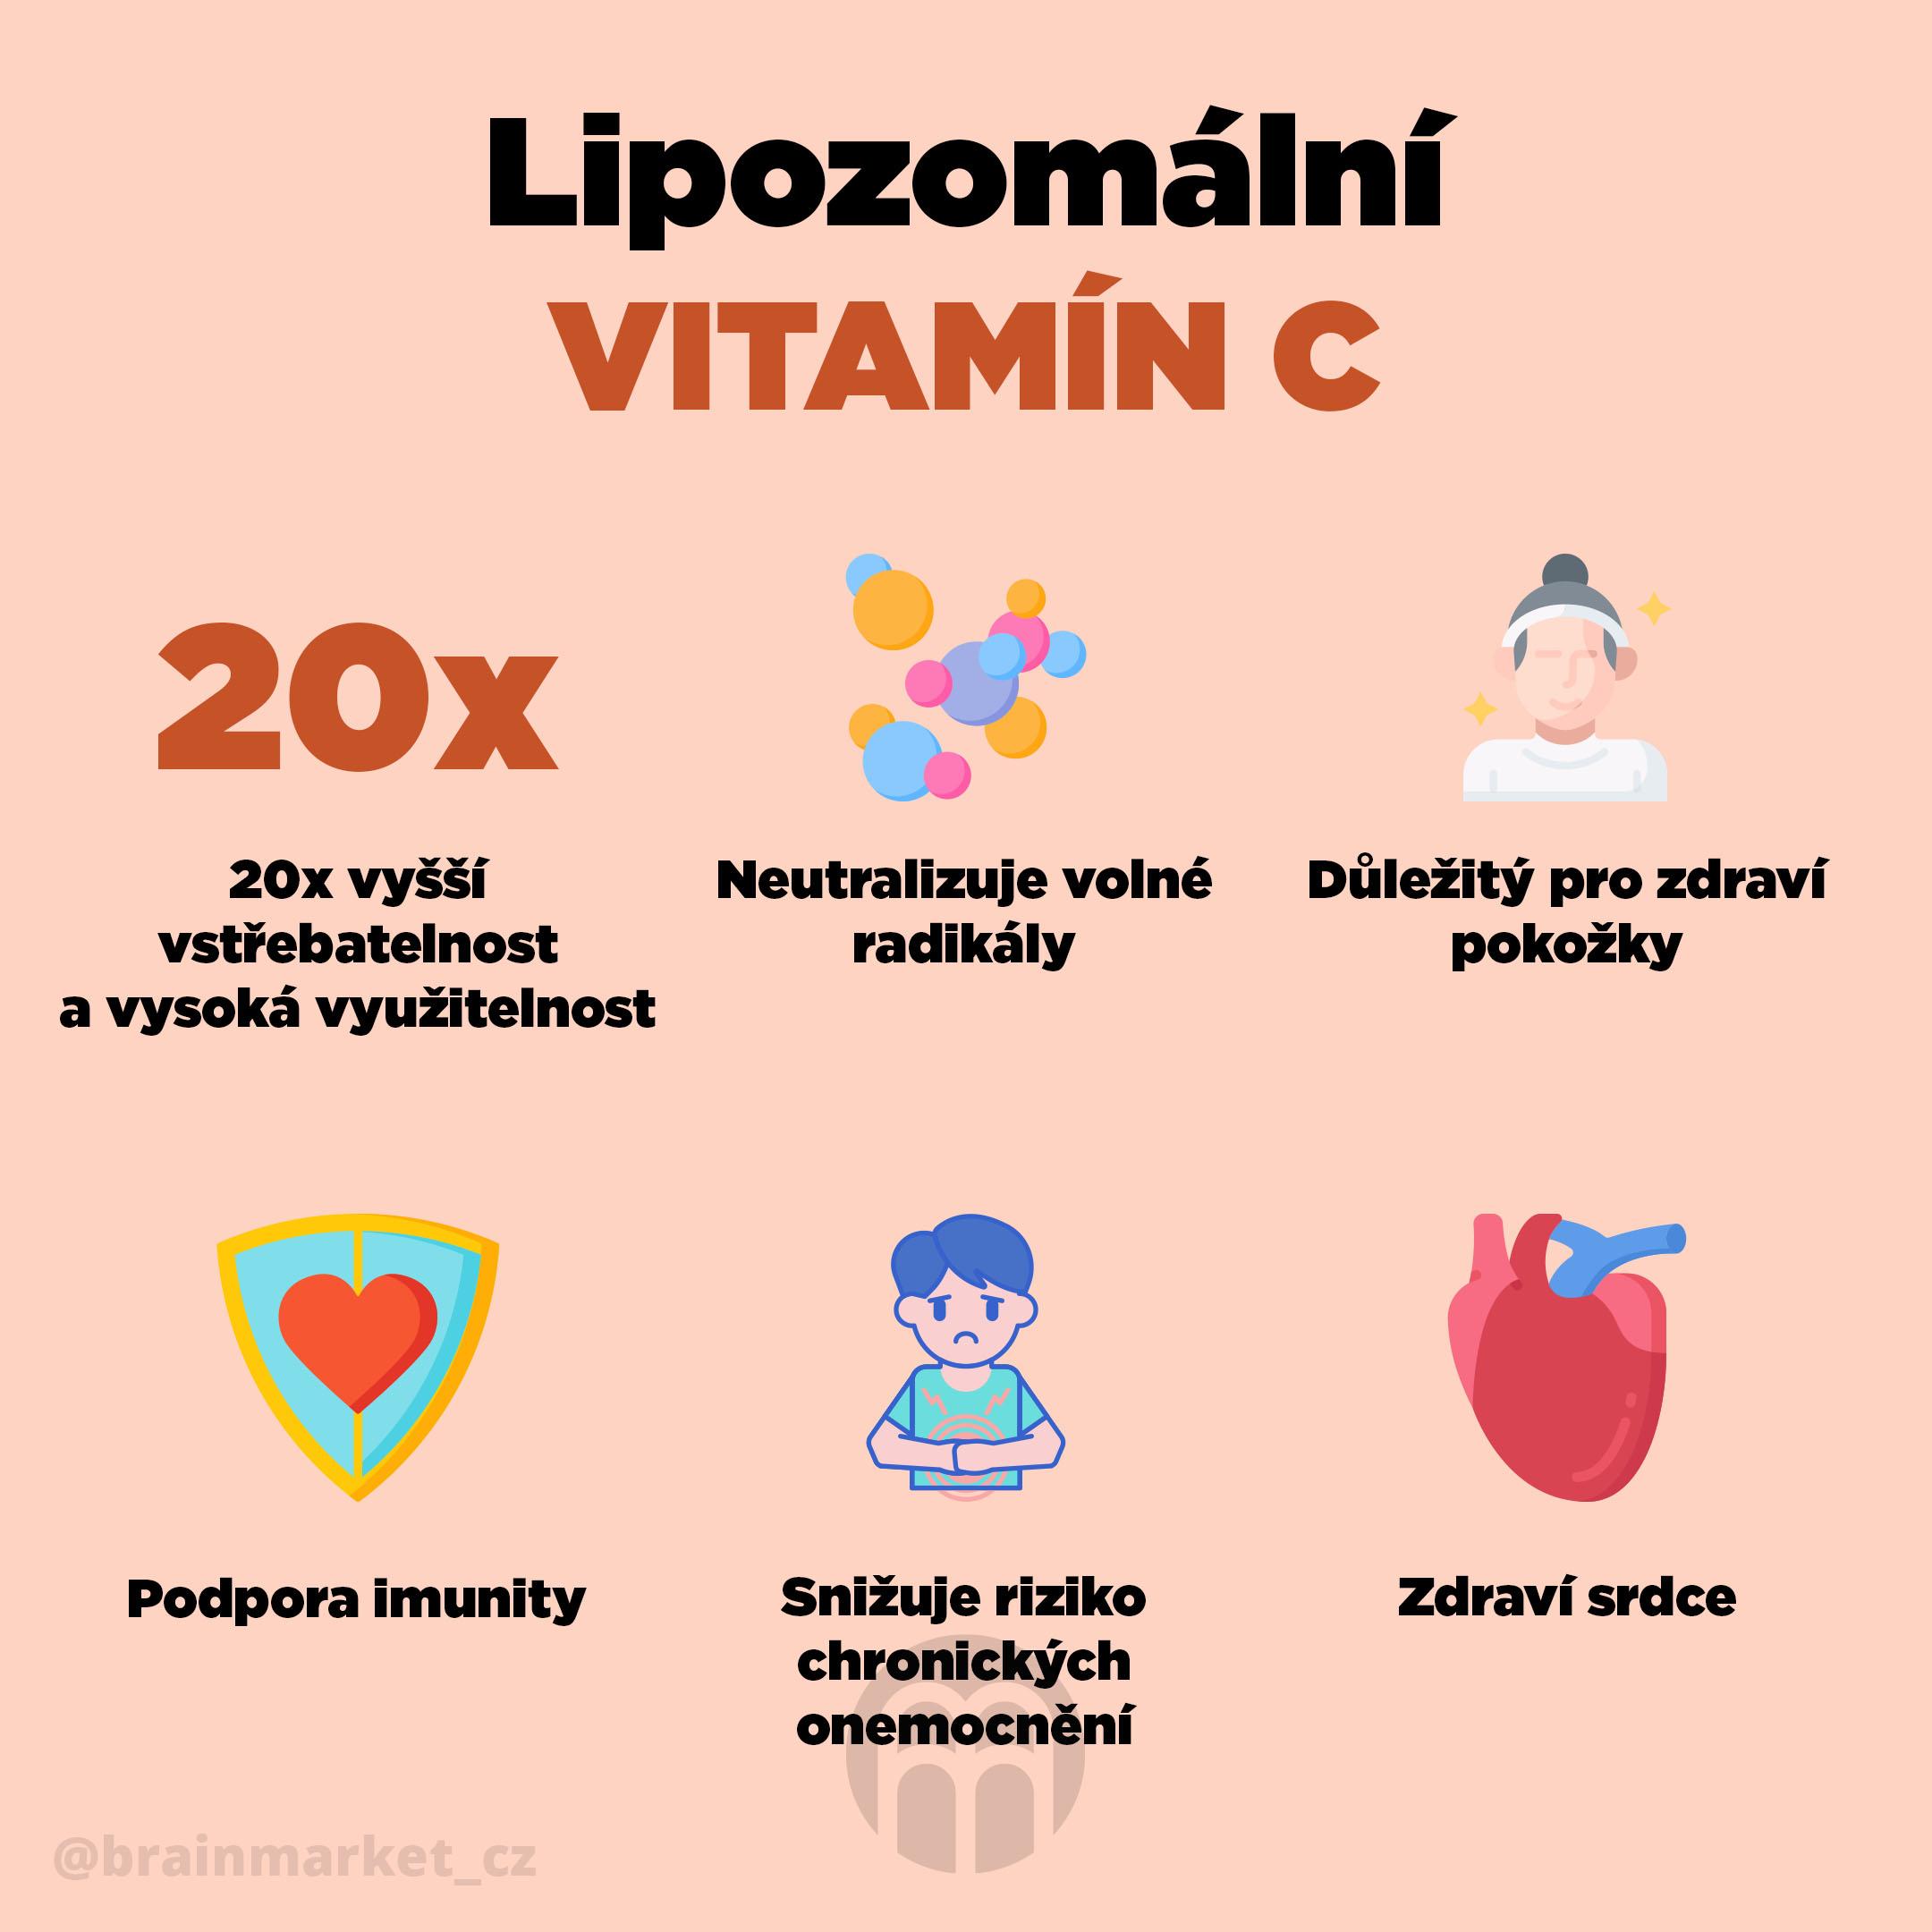 lipozomalni_vitamin_c_infografika_brainmarket_CZ